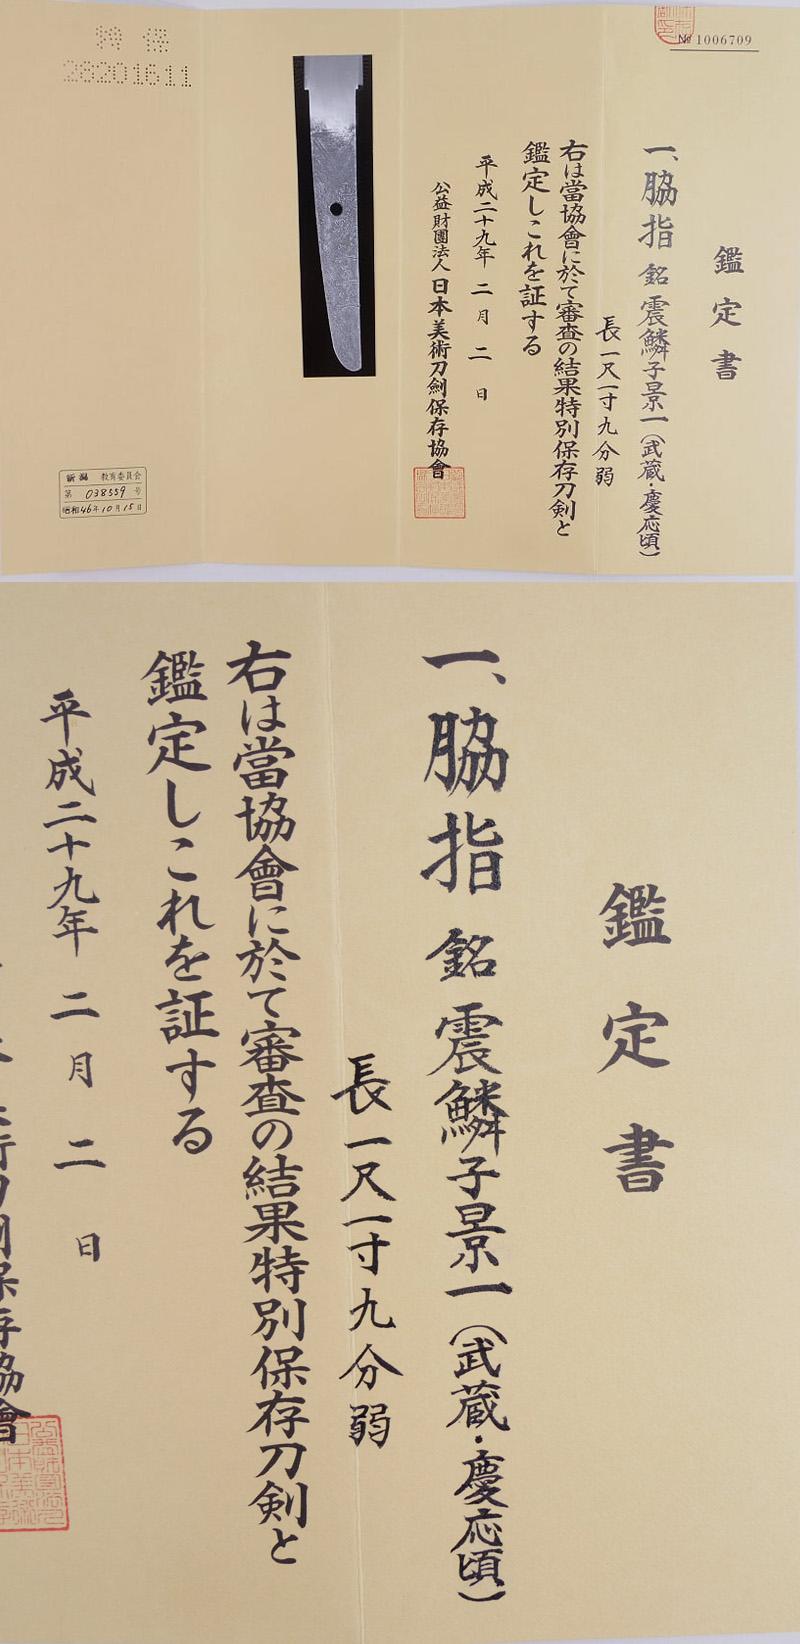 脇差 震鱗子景一(武蔵・慶応頃)鑑定書画像